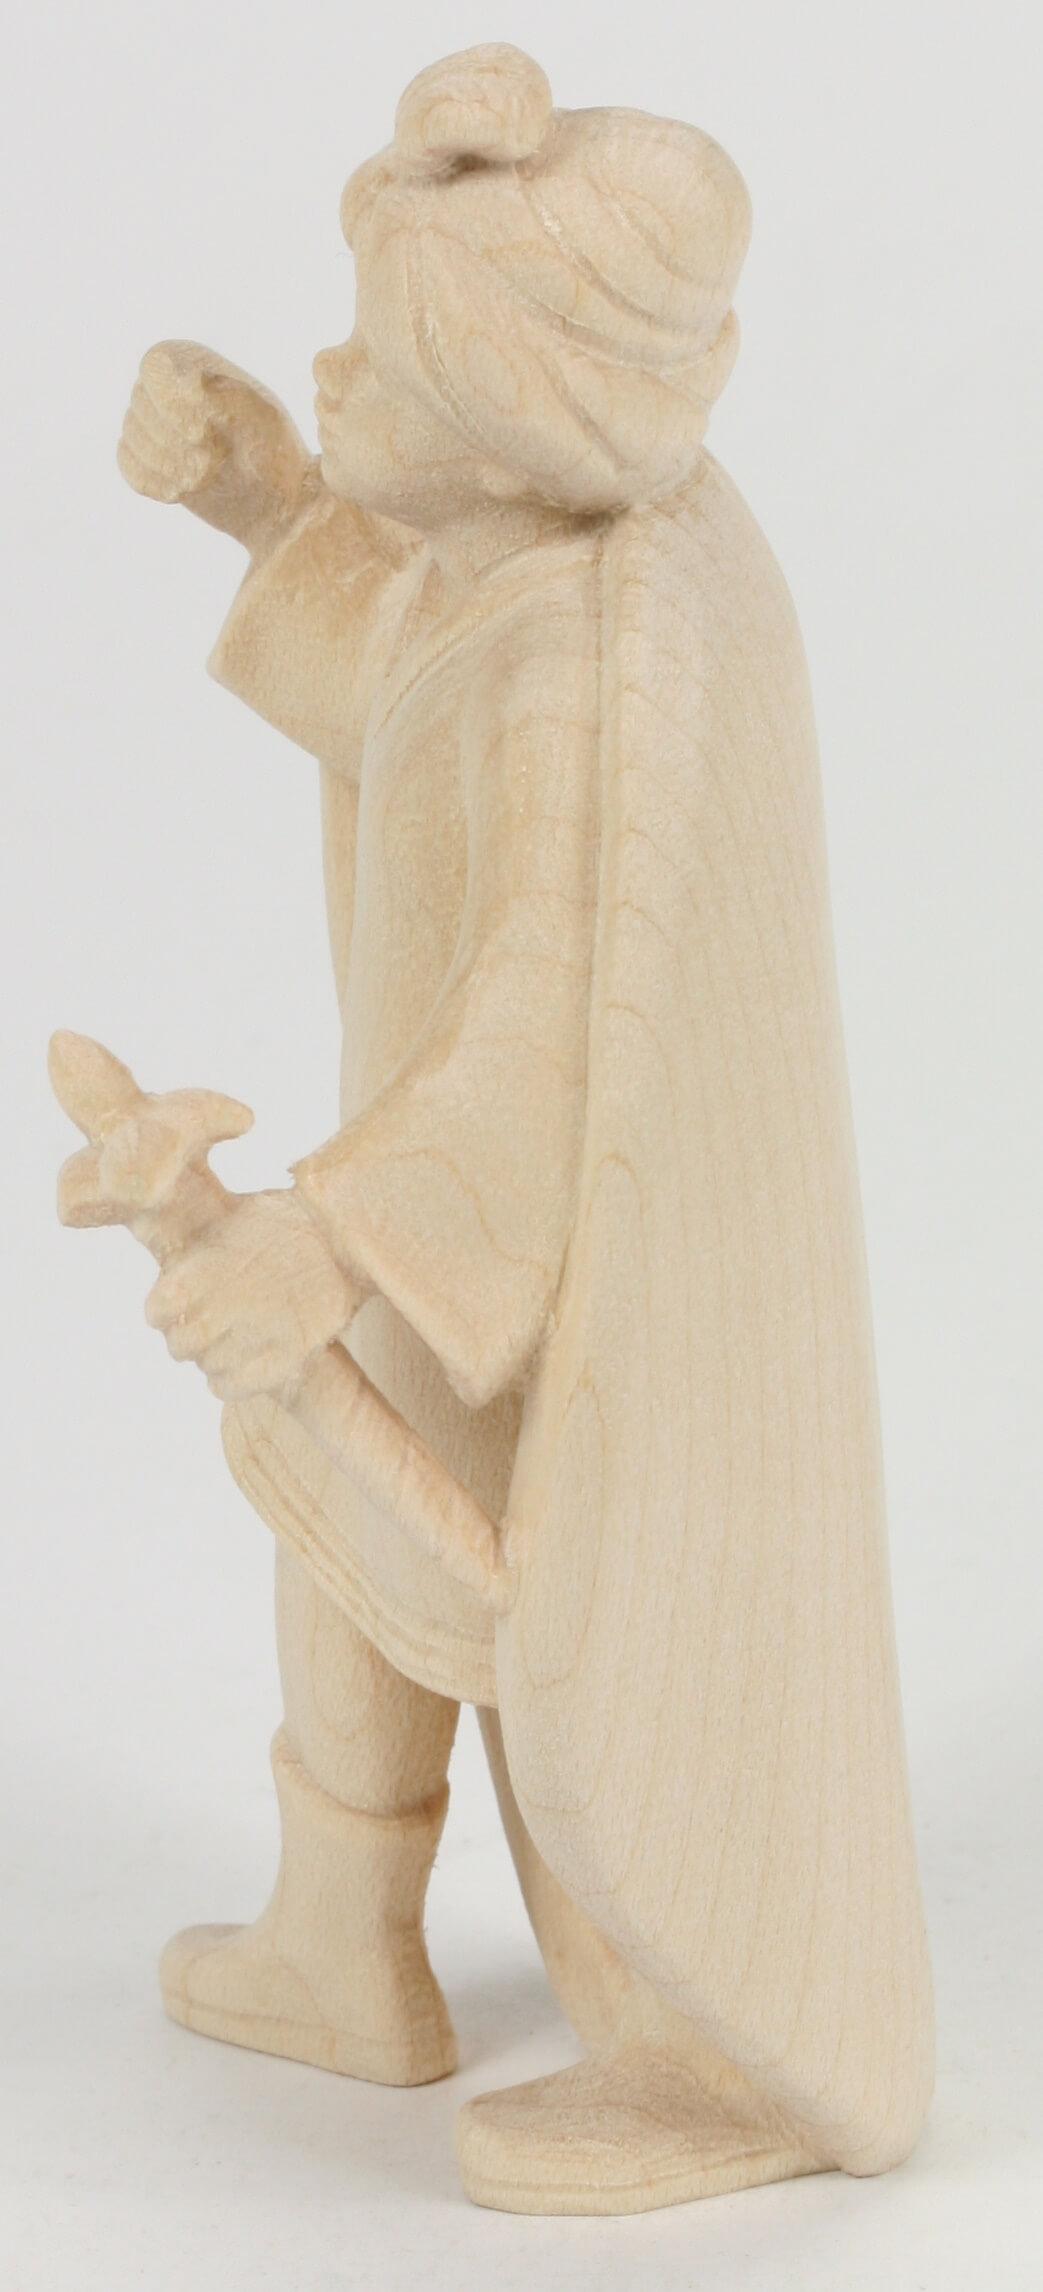 Georg krippe kameltreiber modern 9 cm serie natur - Krippe modern holz ...